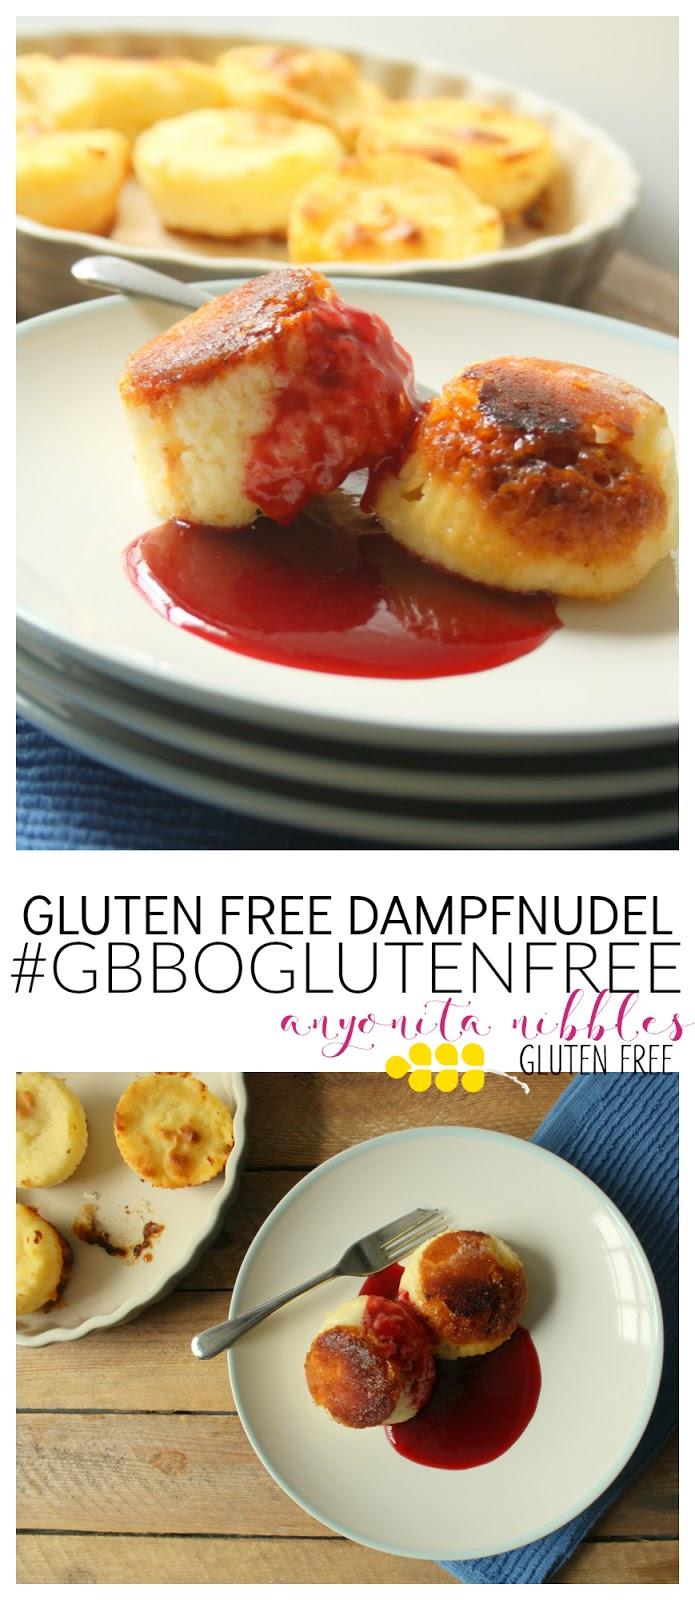 Gluten Free Dampfnudel #GBBOGlutenFree - Anyonita Nibbles